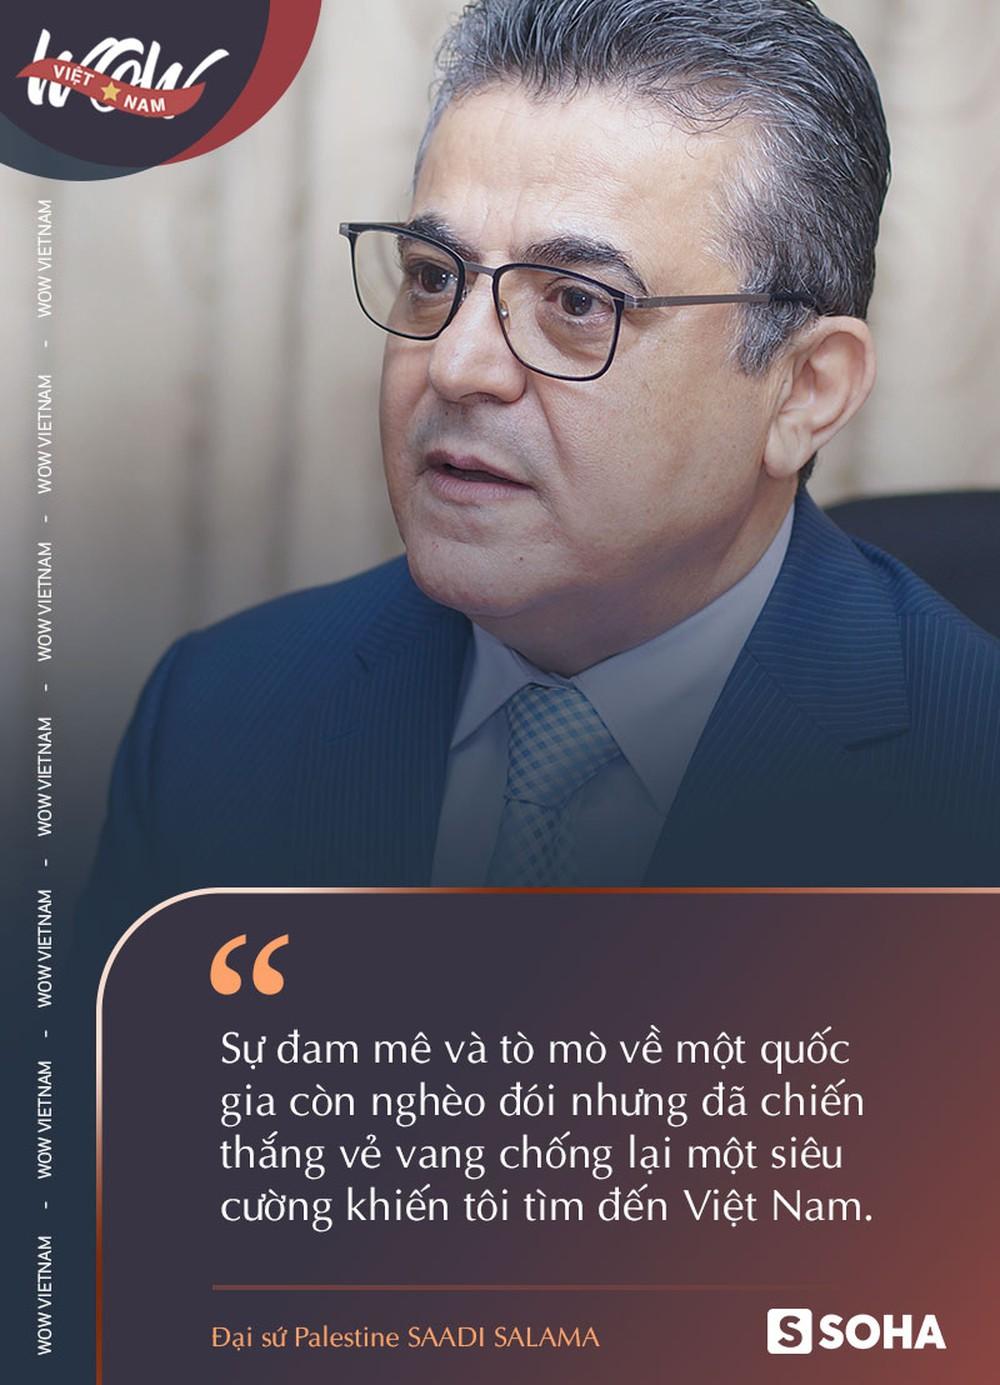 Đại sứ Palestine tại Việt Nam: Trời ơi, số phận nào đã đưa ta đến đây và 40 năm Việt Nam phát triển khiến chúng tôi phải ngả mũ - Ảnh 3.